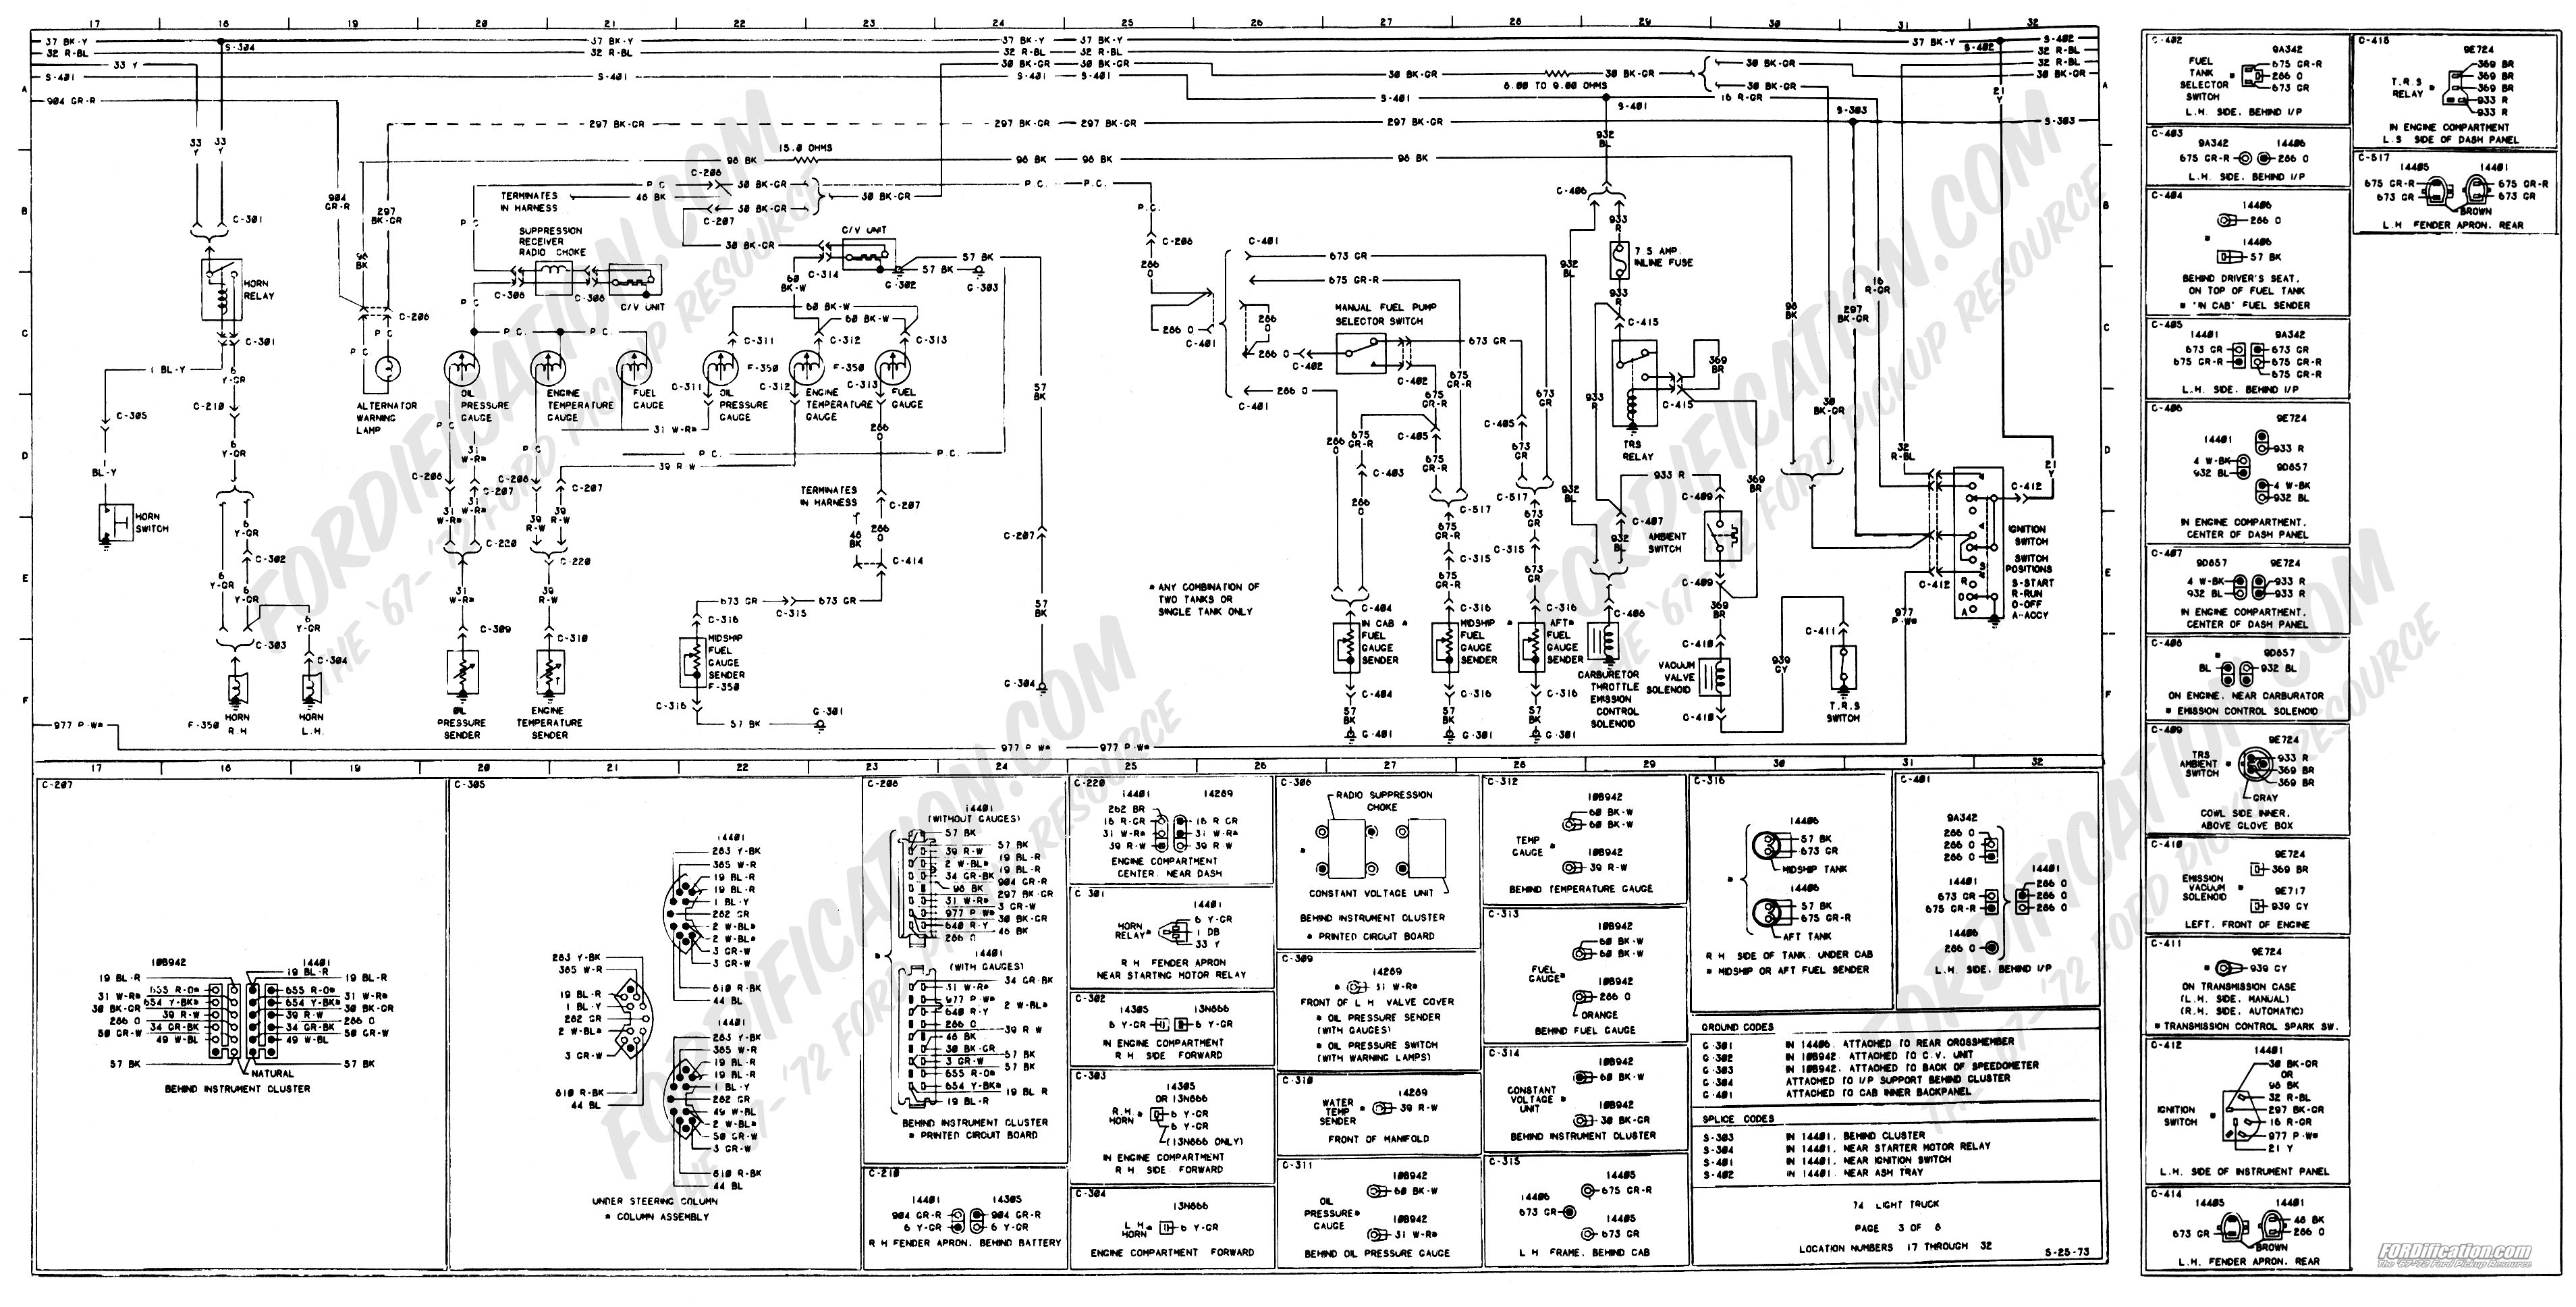 2004 F150 Wiring Schematic | Free Wiring Diagram